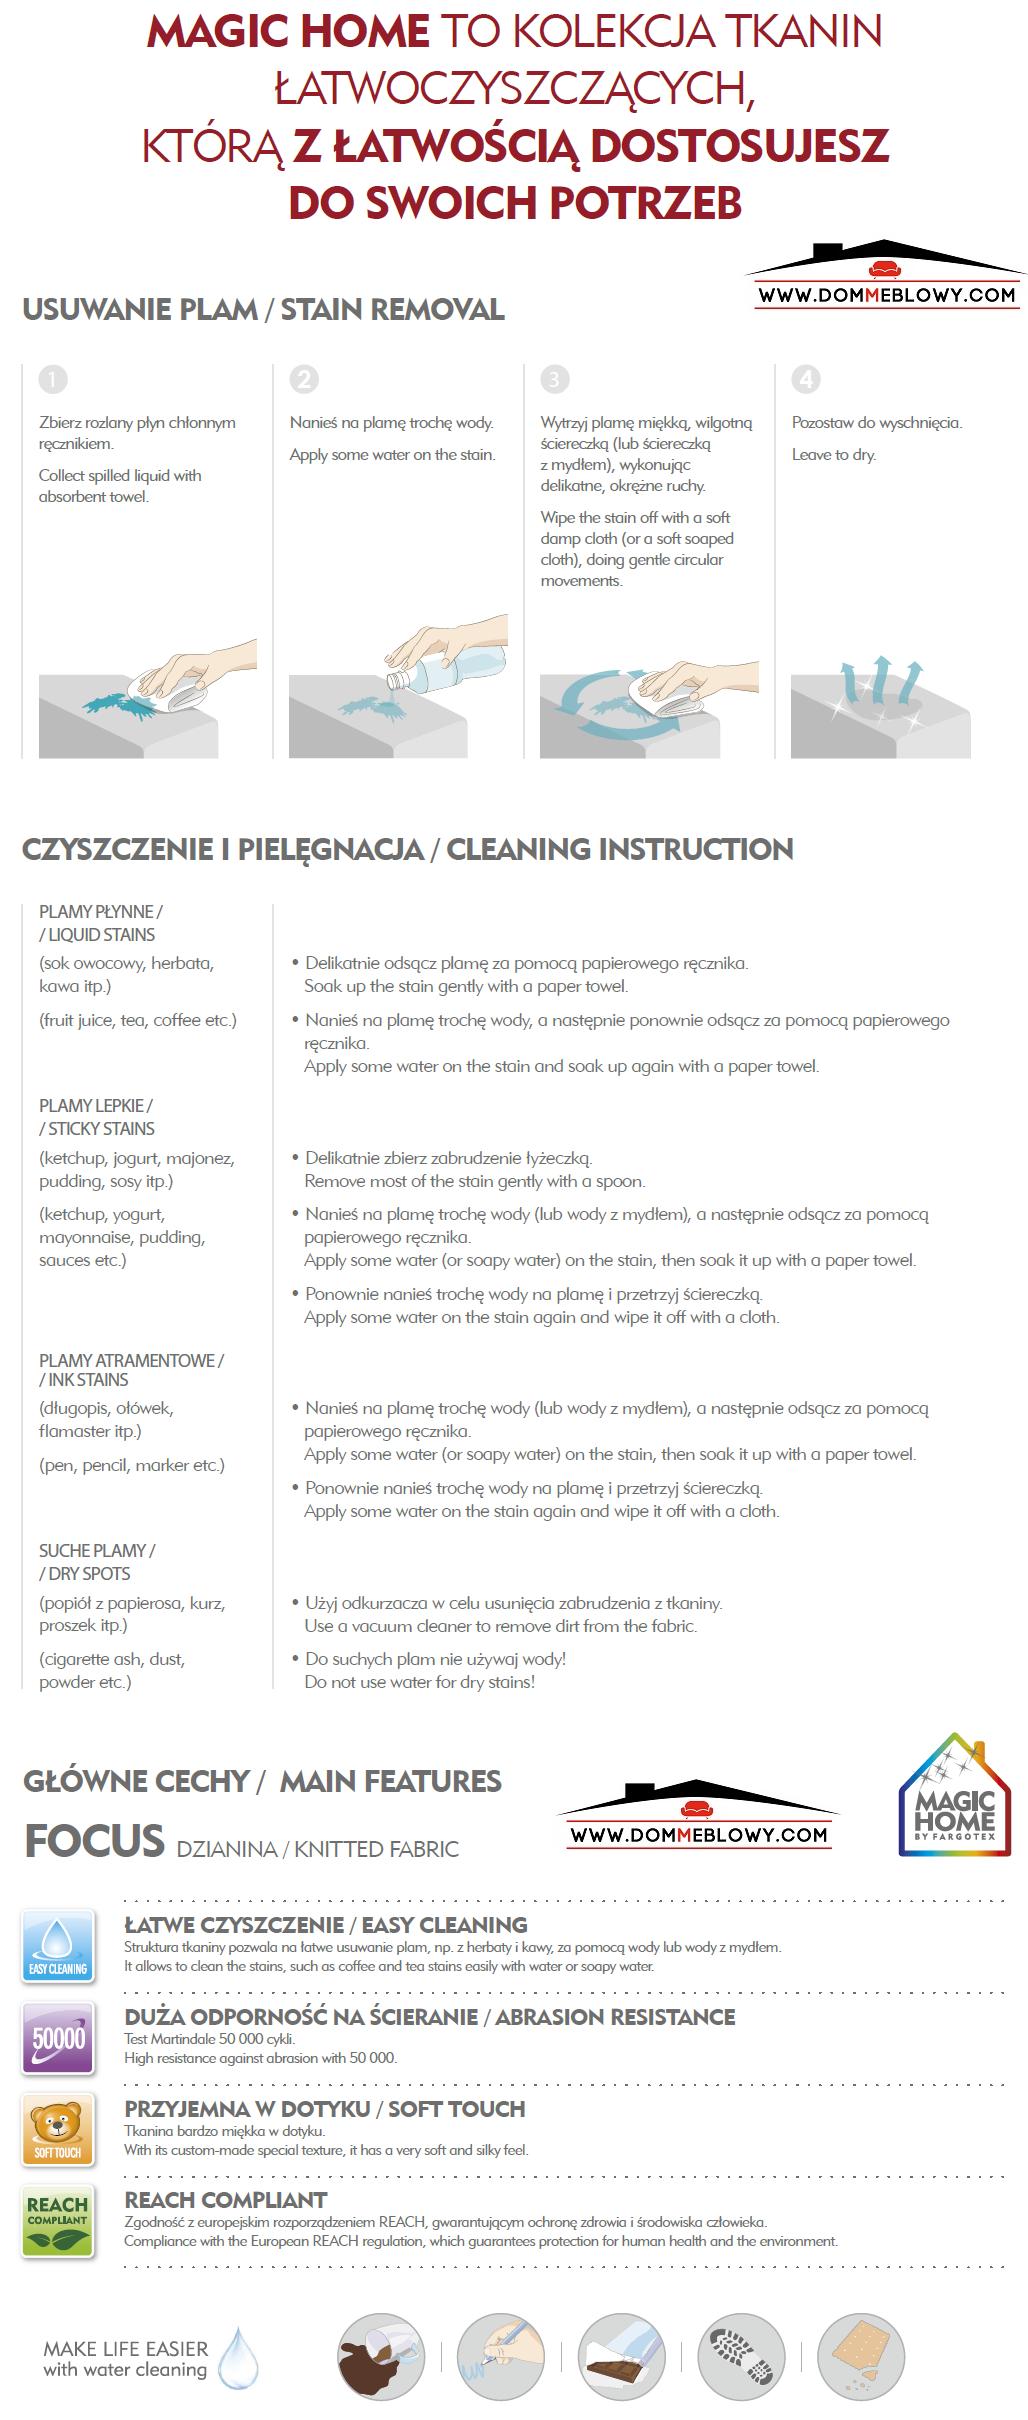 Instrukcja czyszczenia do tkanin Focus z funkcją Magic Home dla mebli tapicerowanych producenta Meblosoft